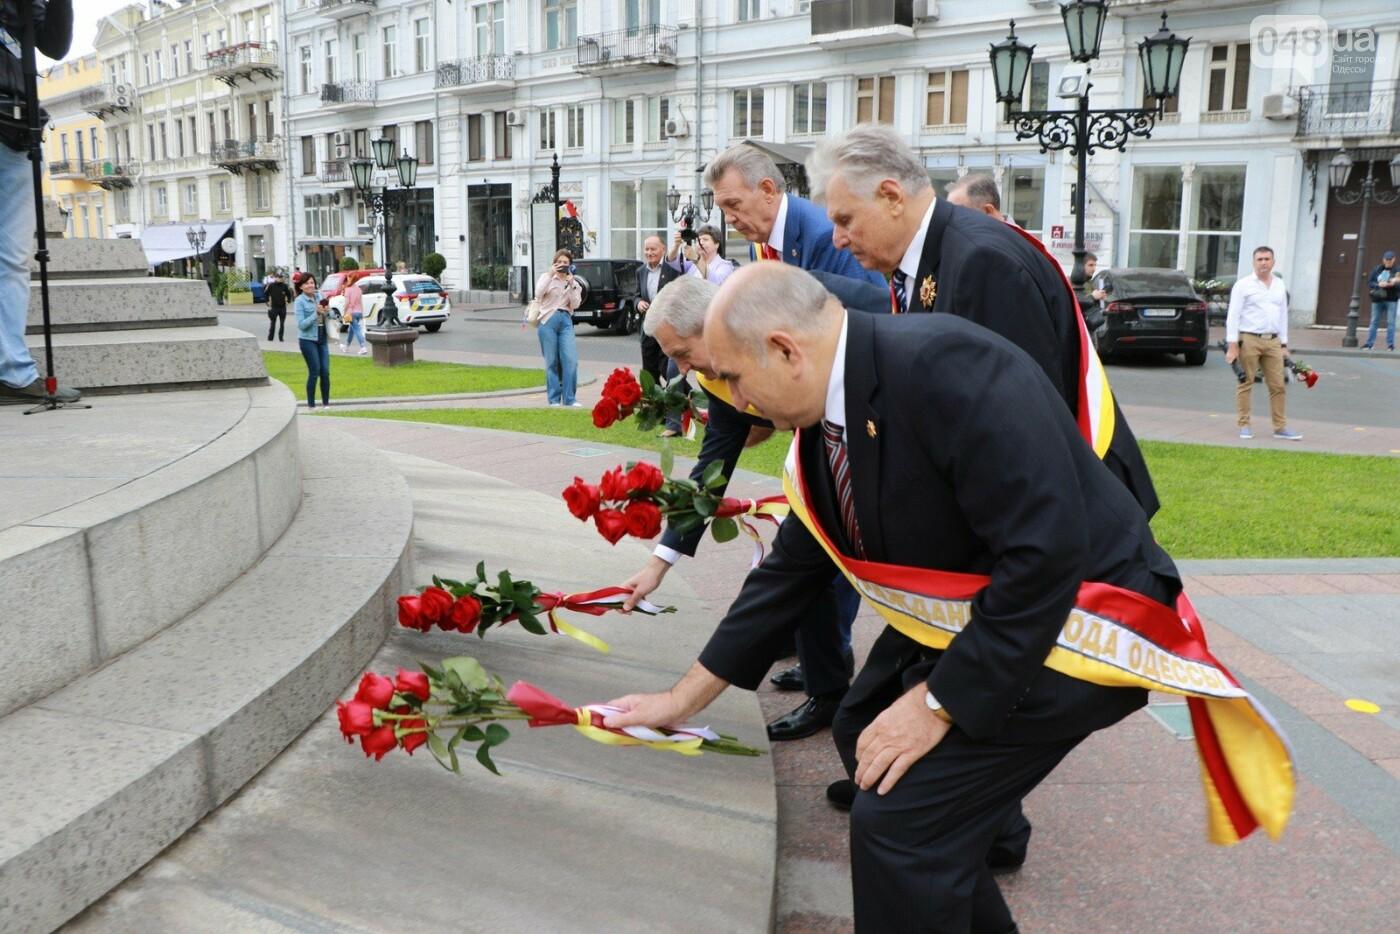 День Одессы 2021: почетные граждане возложили розы к памятнику Екатерине II,- ФОТО, фото-3